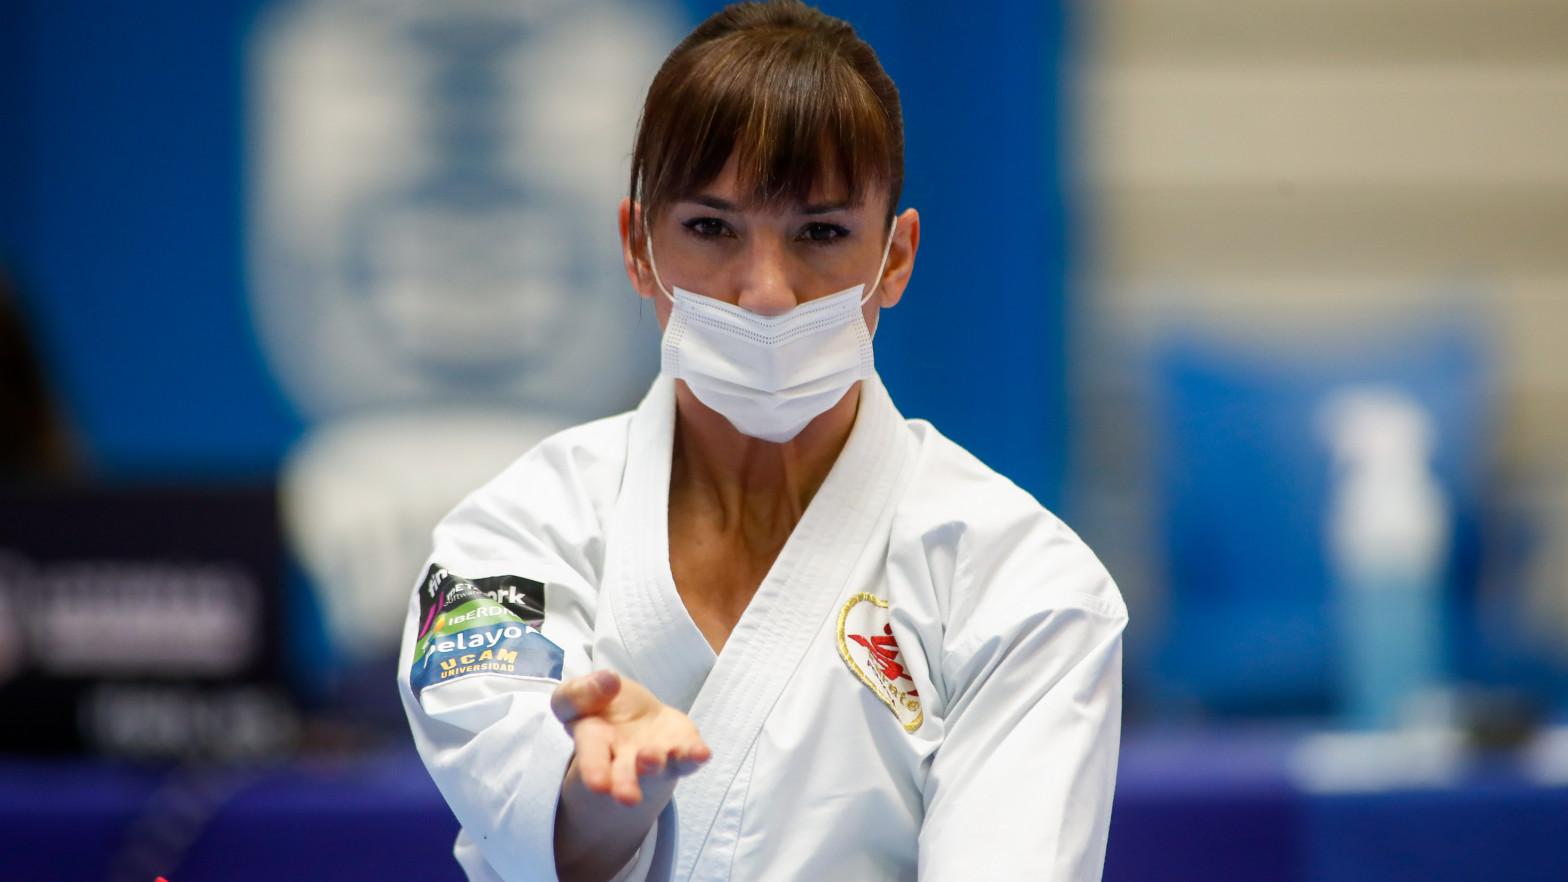 La karateca Sandra Sánchez explica en un vídeo de Pelayo Seguros los retos que ha tenido que superar